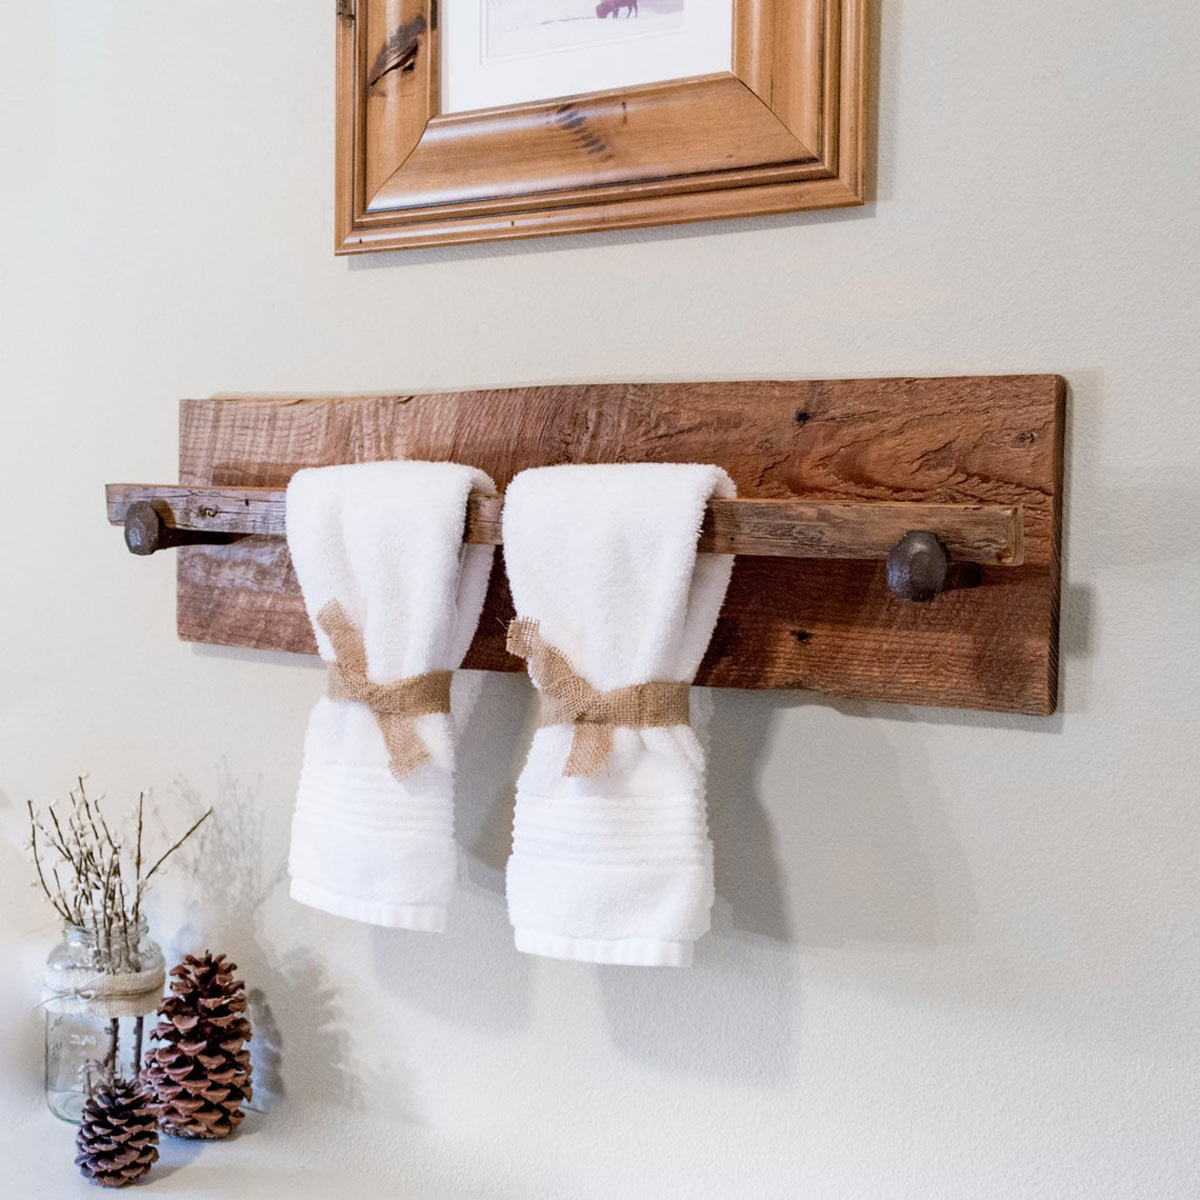 Portasciugamani in legno stile country fai da te.